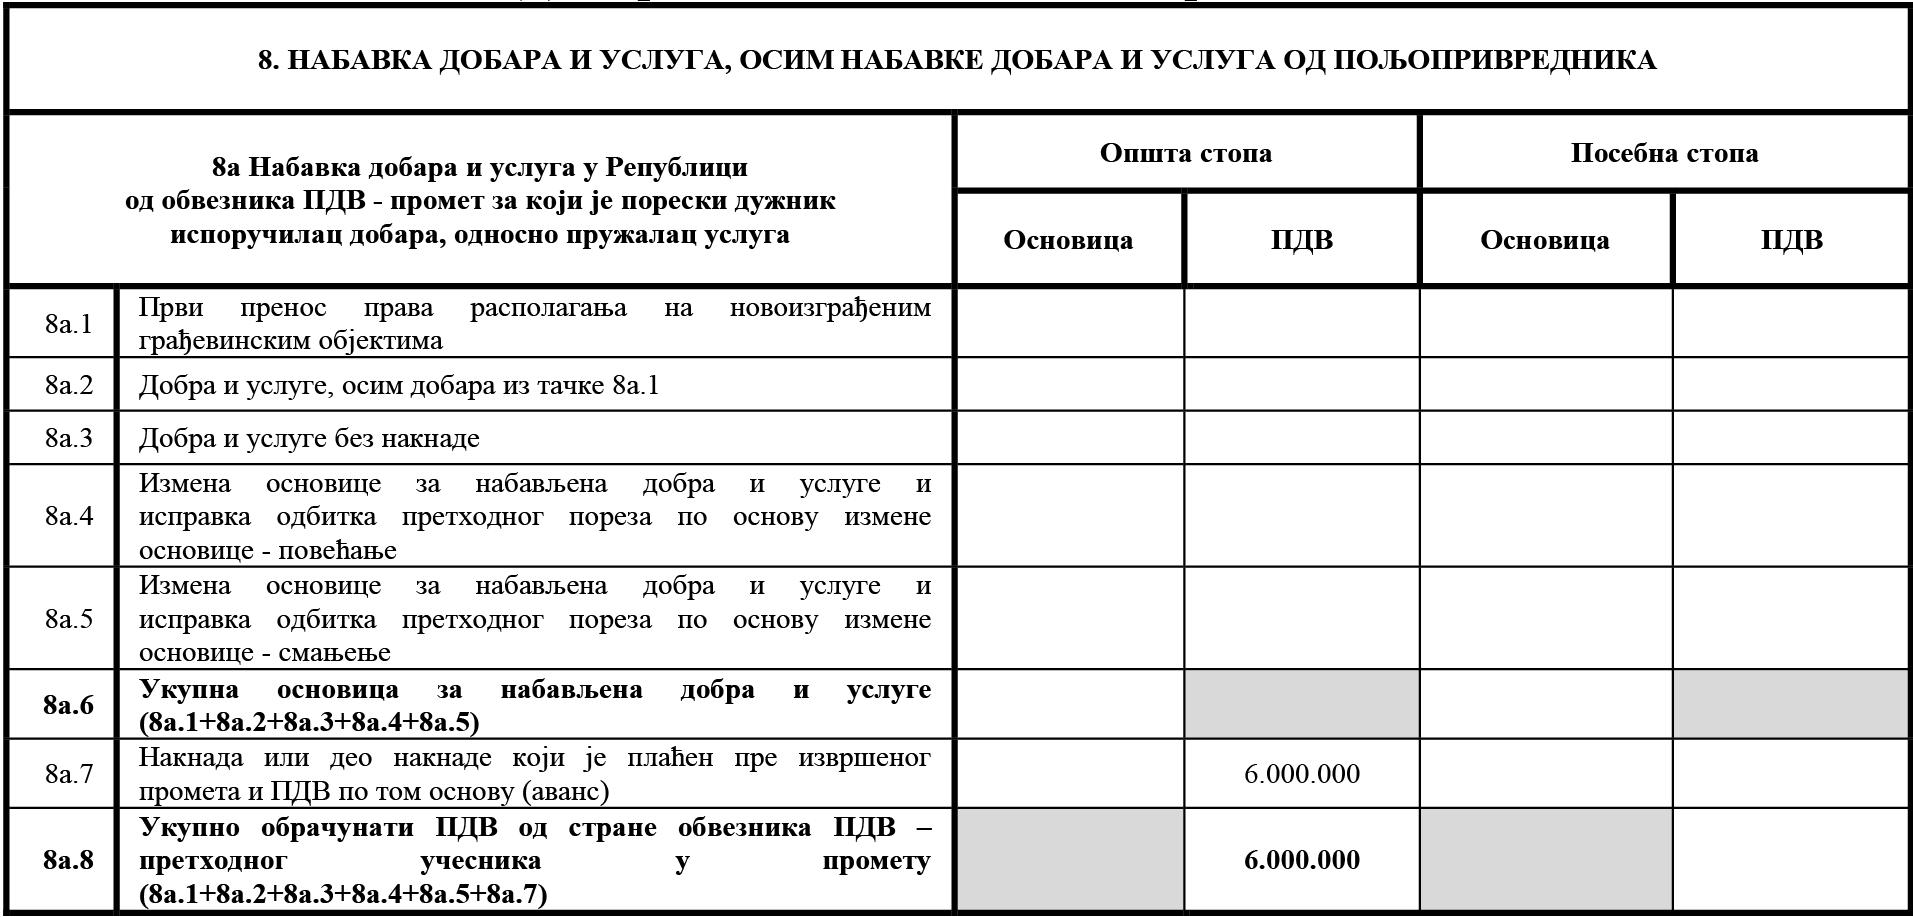 uputstvo PU obrazac POPDV primer 93 - 2